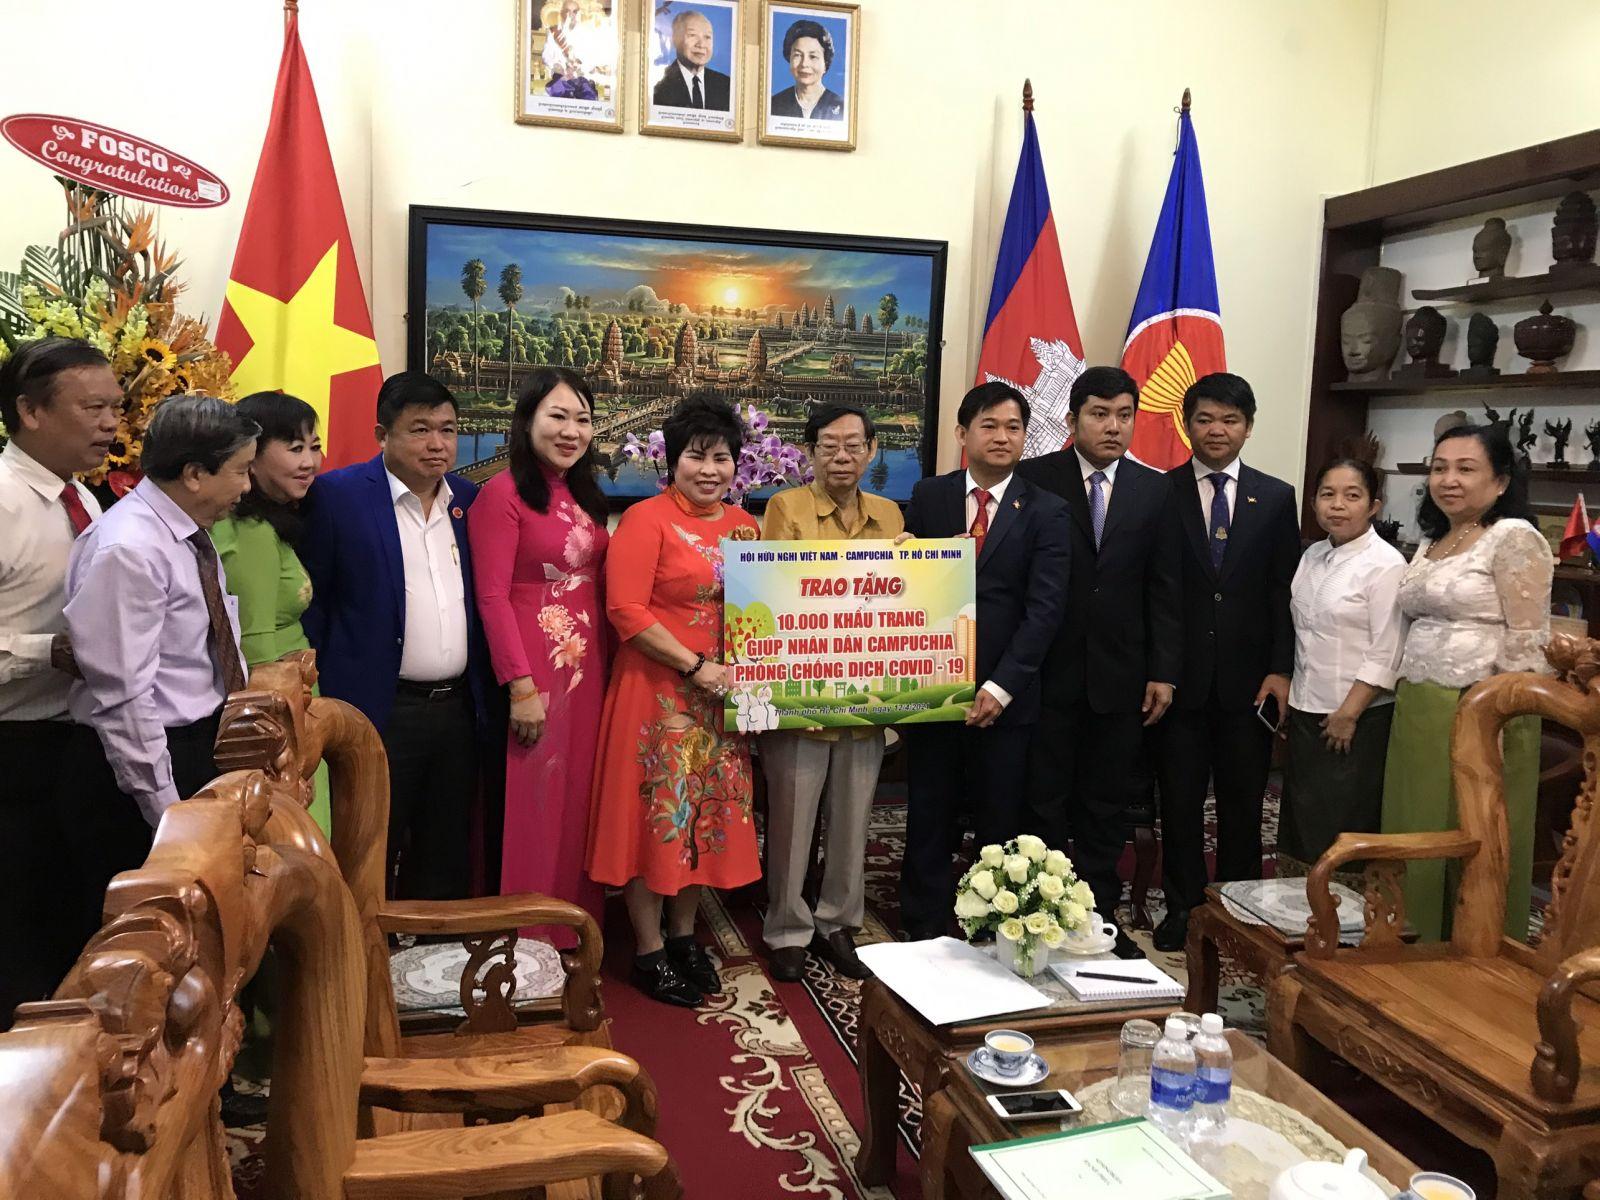 Doanh nhân Lê Thị Giàu - Chủ tịch HĐQT Công ty CP thực phẩm Bình Tây cùng với Hội hữu nghị Việt Nam - Campuchia TP.HCM đã trao tặng 10.000 khẩu trang y tế để giúp nhân dân Campuchia phòng chống dịch Covid -19.